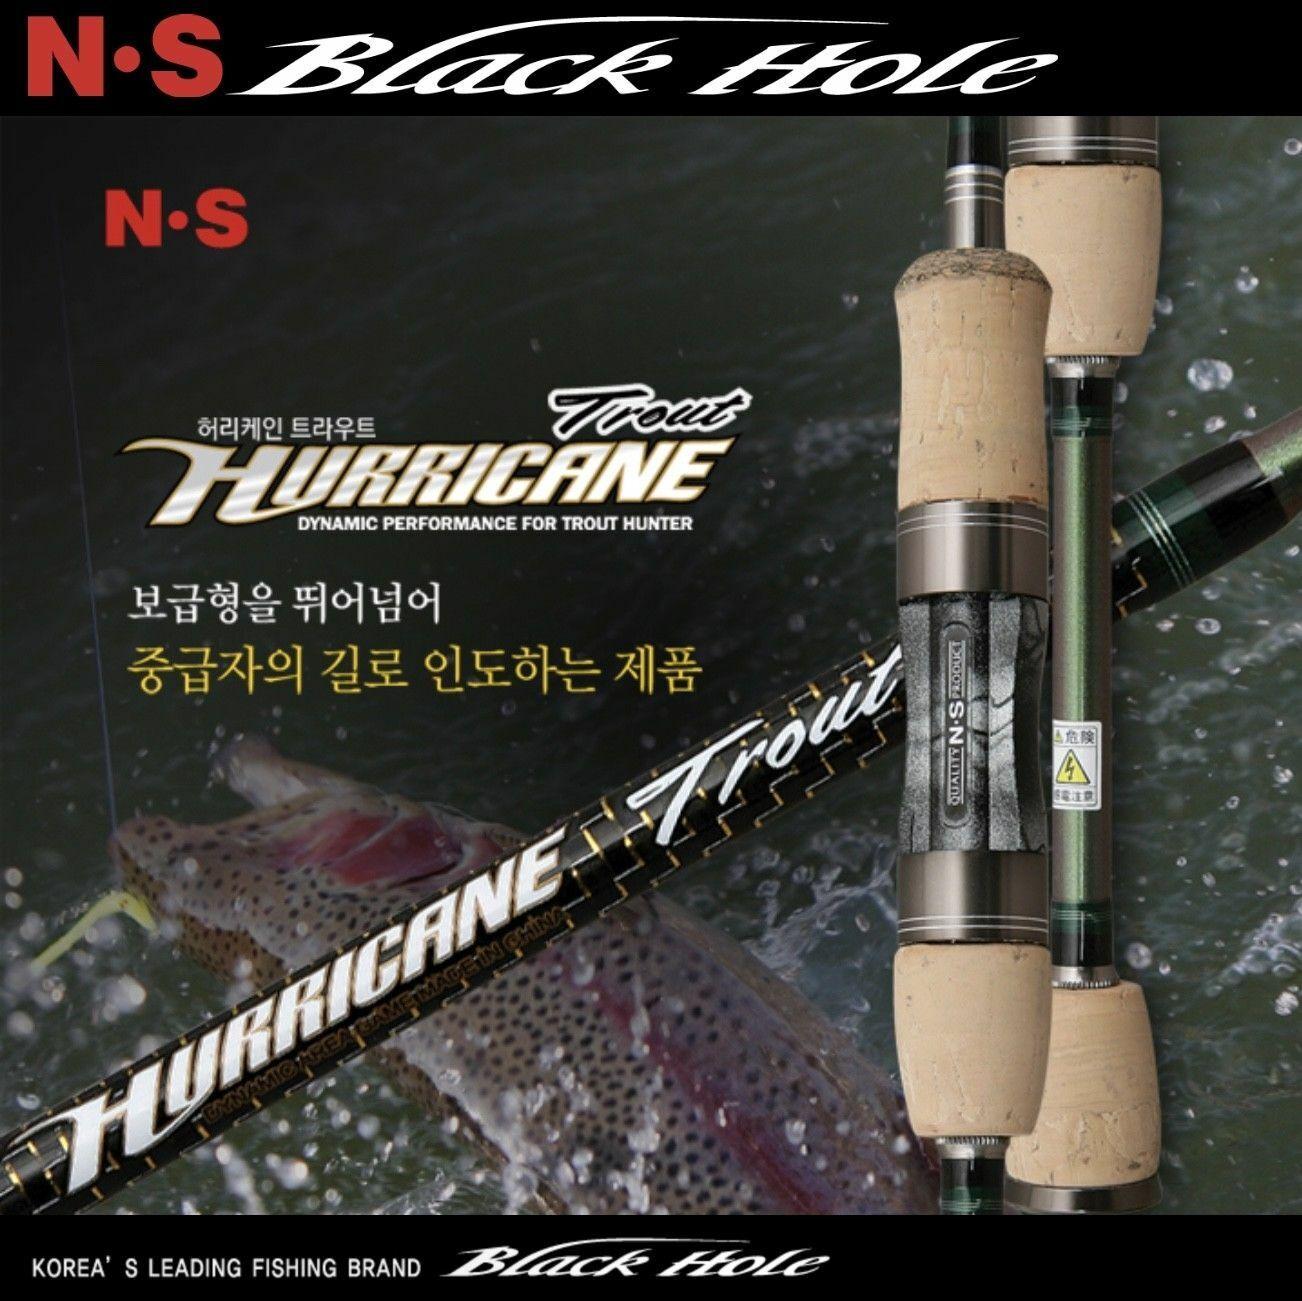 NS Varillas de agujero negro huracán serie Trucha Varilla de  S-602UL  80% de descuento